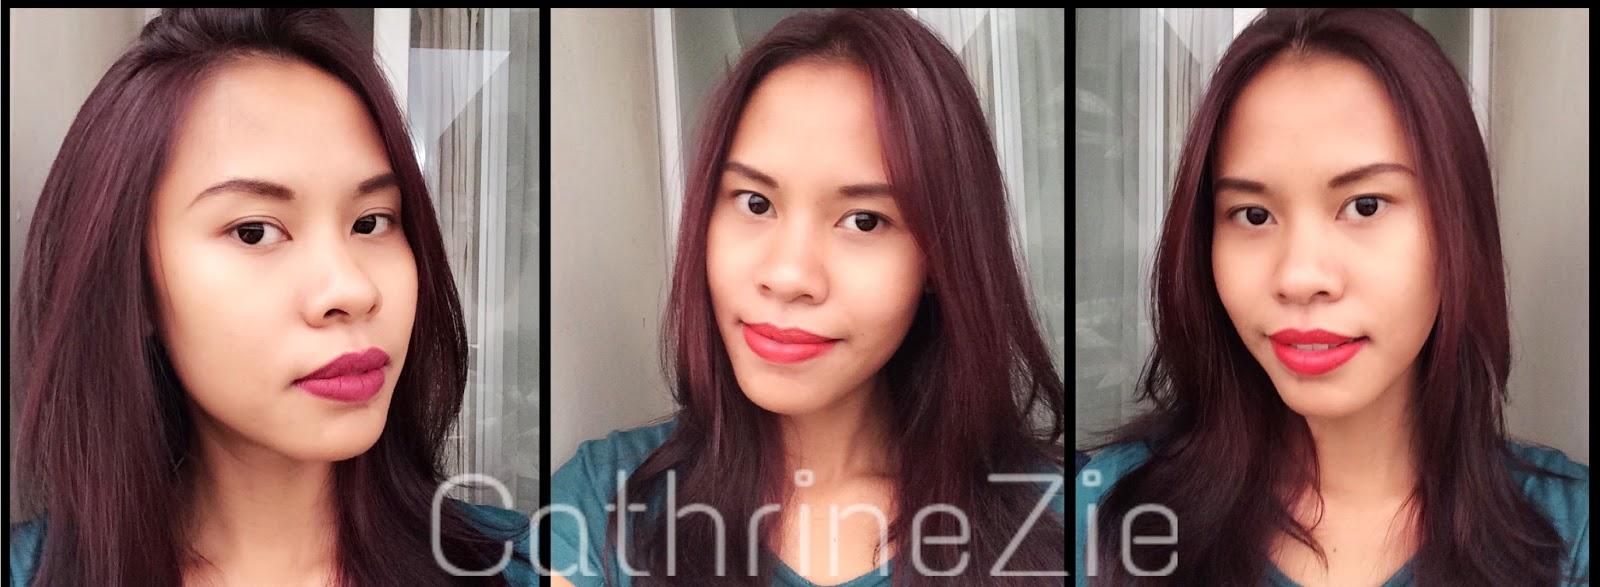 Make Up Review Purbasari Lipstick Color Matte Lokal Lipstik Paling  Original Kalo Inget Nama Pasti Yang Terlintas Di Kepala Kita Adalah Lulur Ada Pengantin Dll And Be Honest Saya Pakai Produk Mereka Dulu